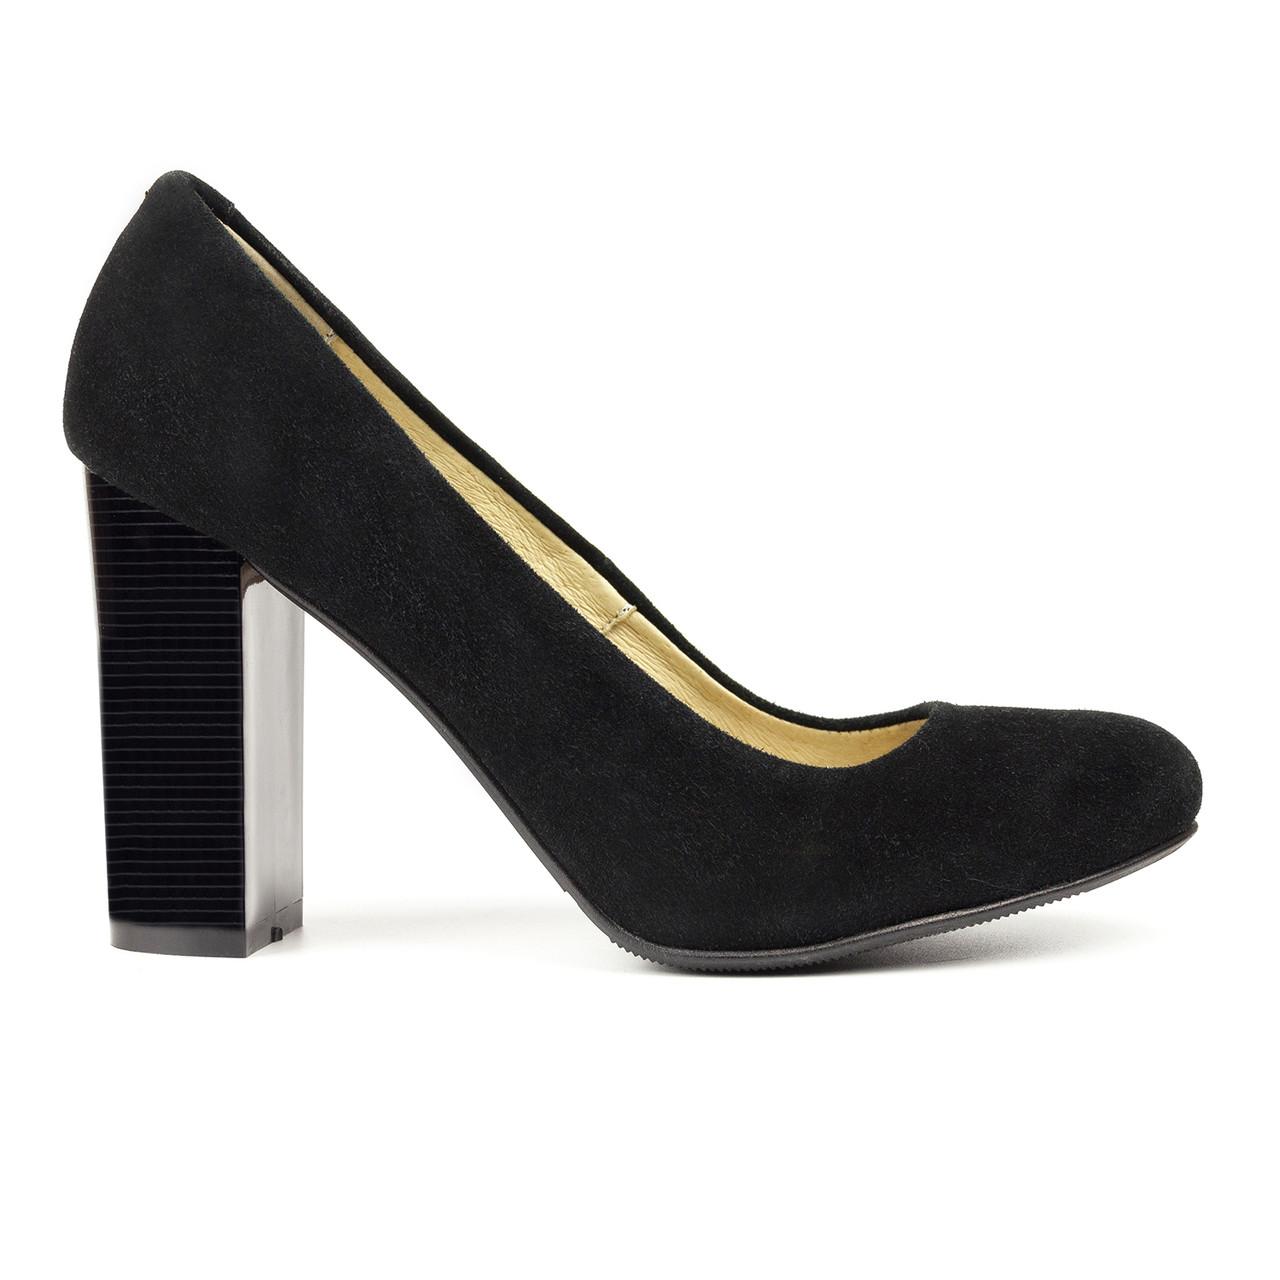 Туфли Woman's heel 37 черные (О-682)